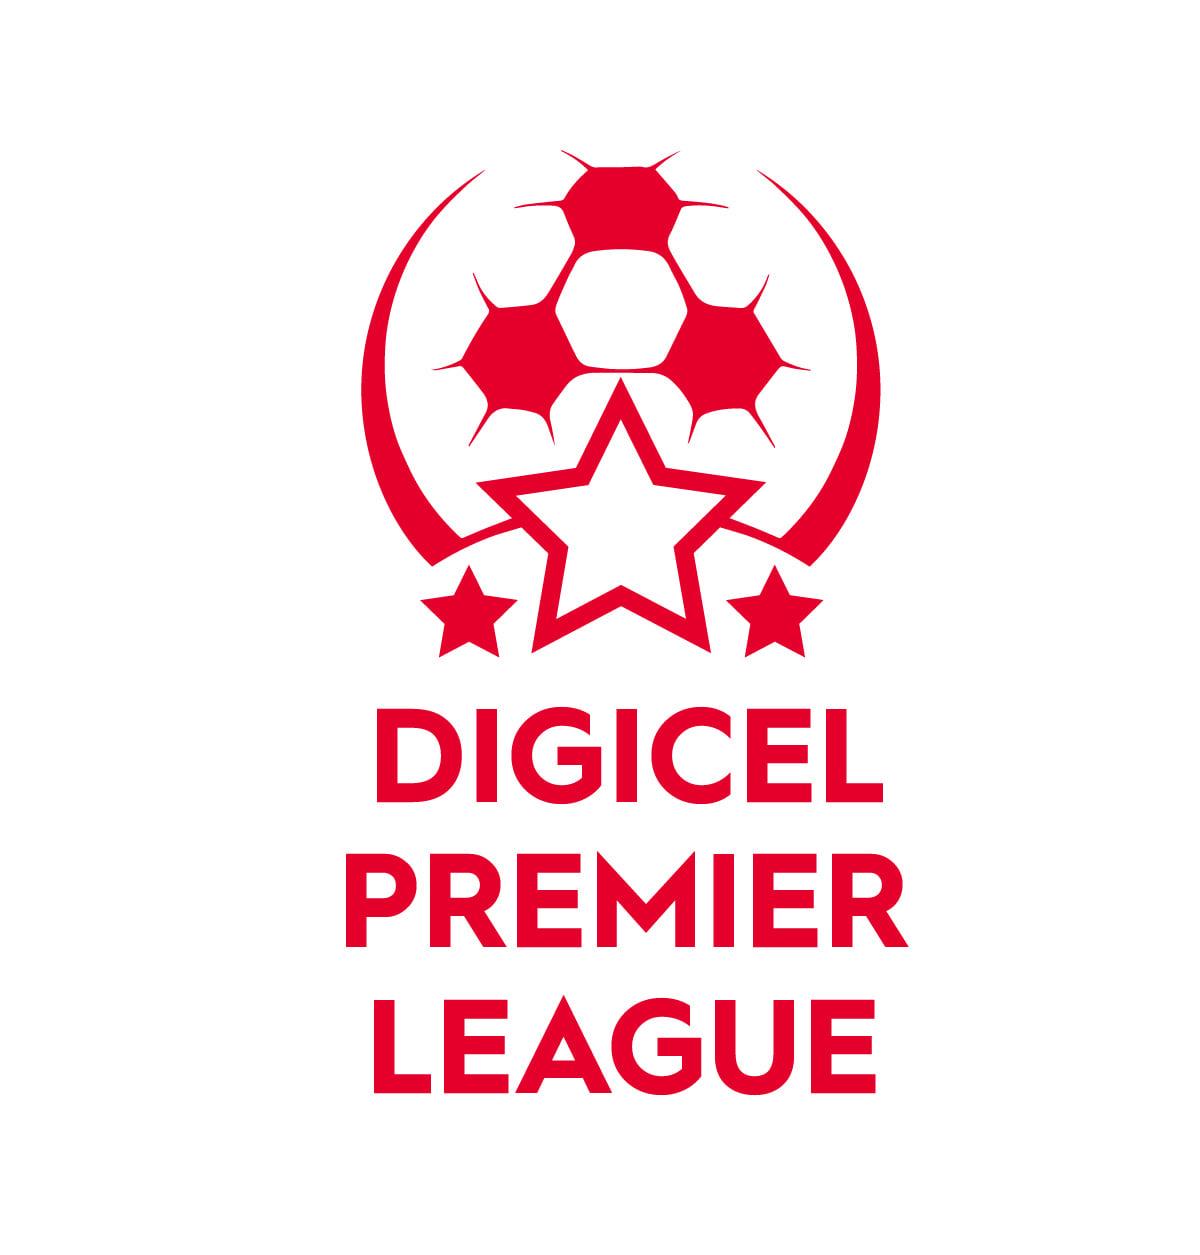 Digicel Premier League